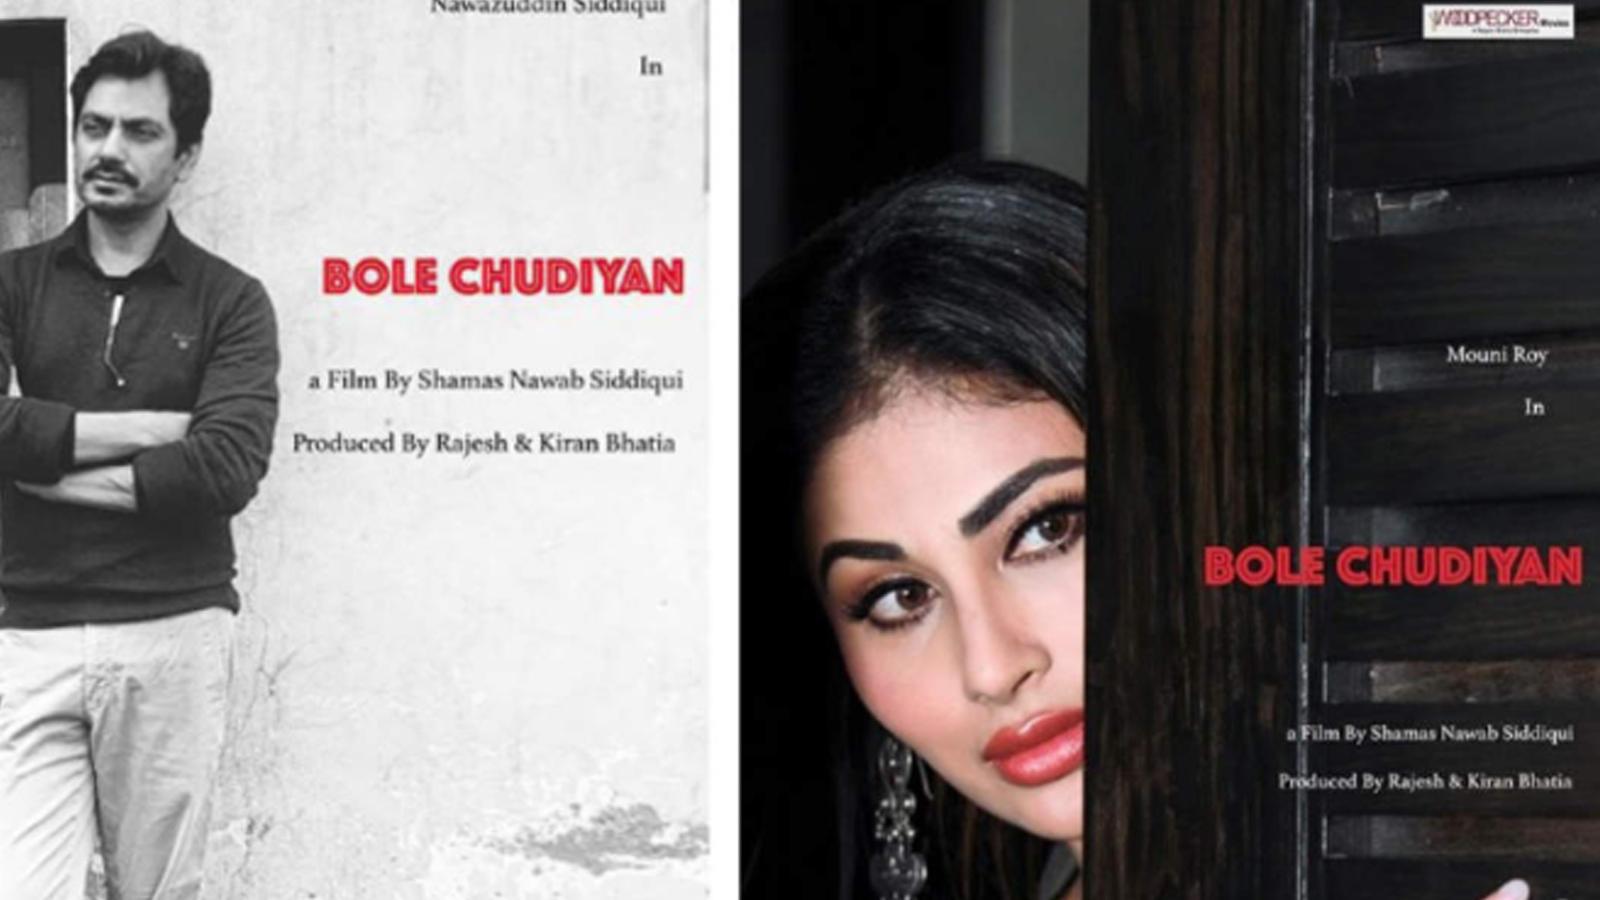 First look posters: Nawazuddin Siddiqui and Mouni Roy starrer 'Bole Chudiyan'